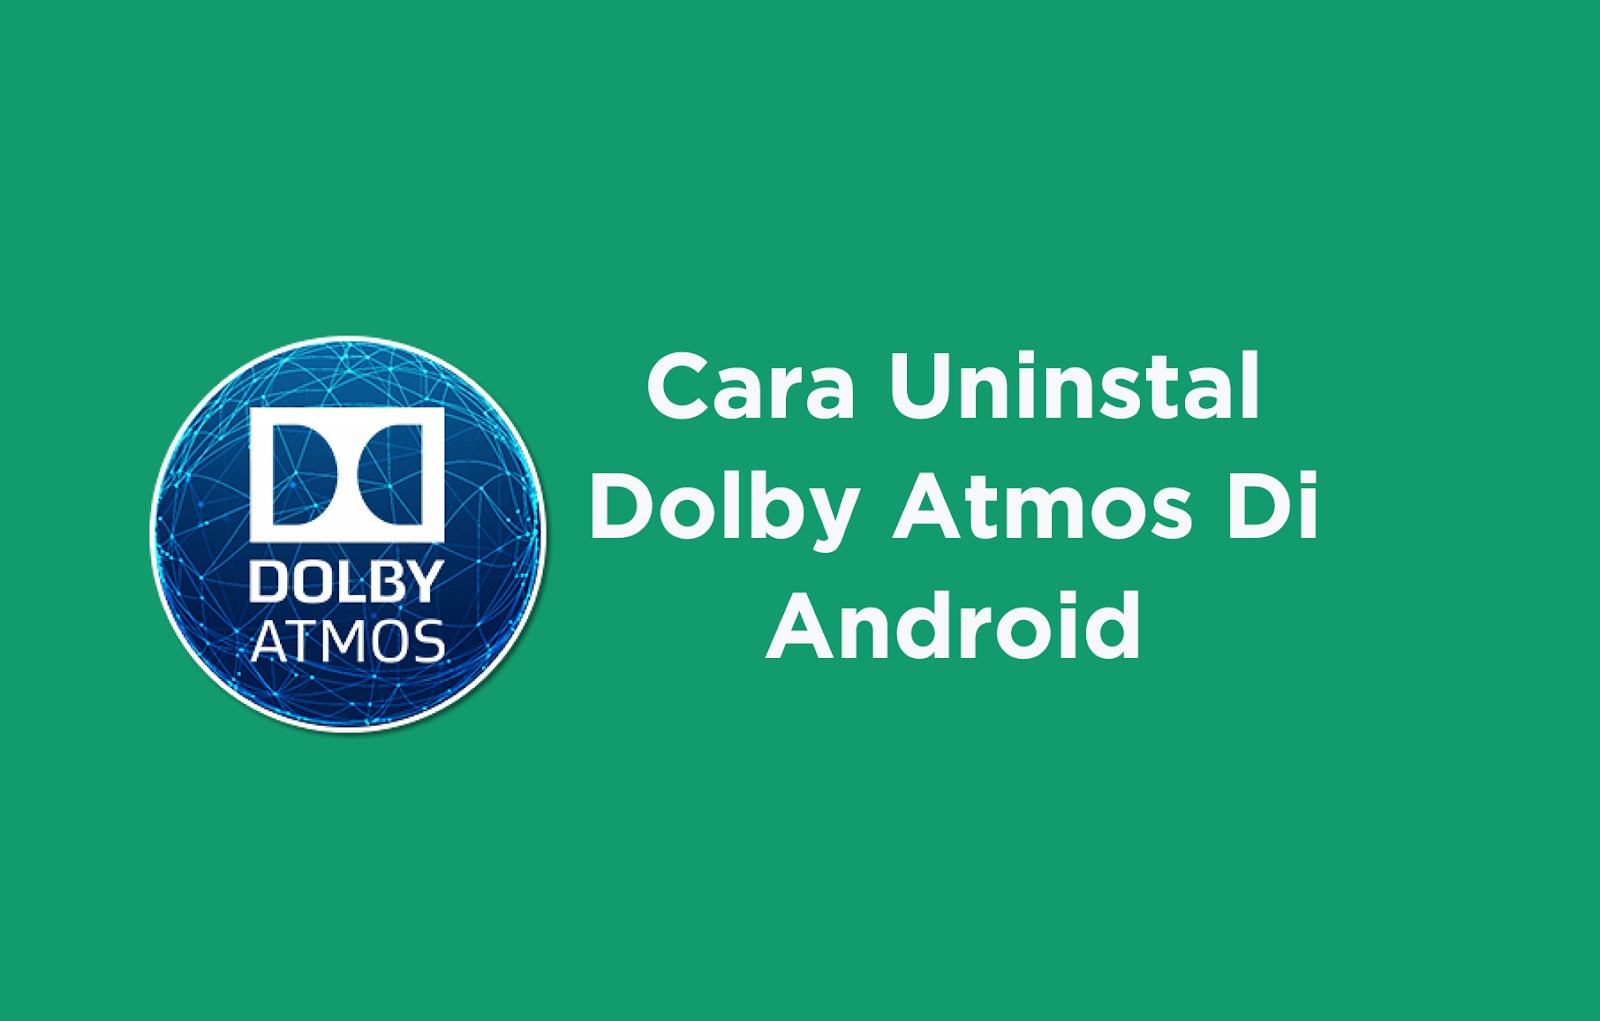 Cara Uninstal Dolby Atmos Di Android